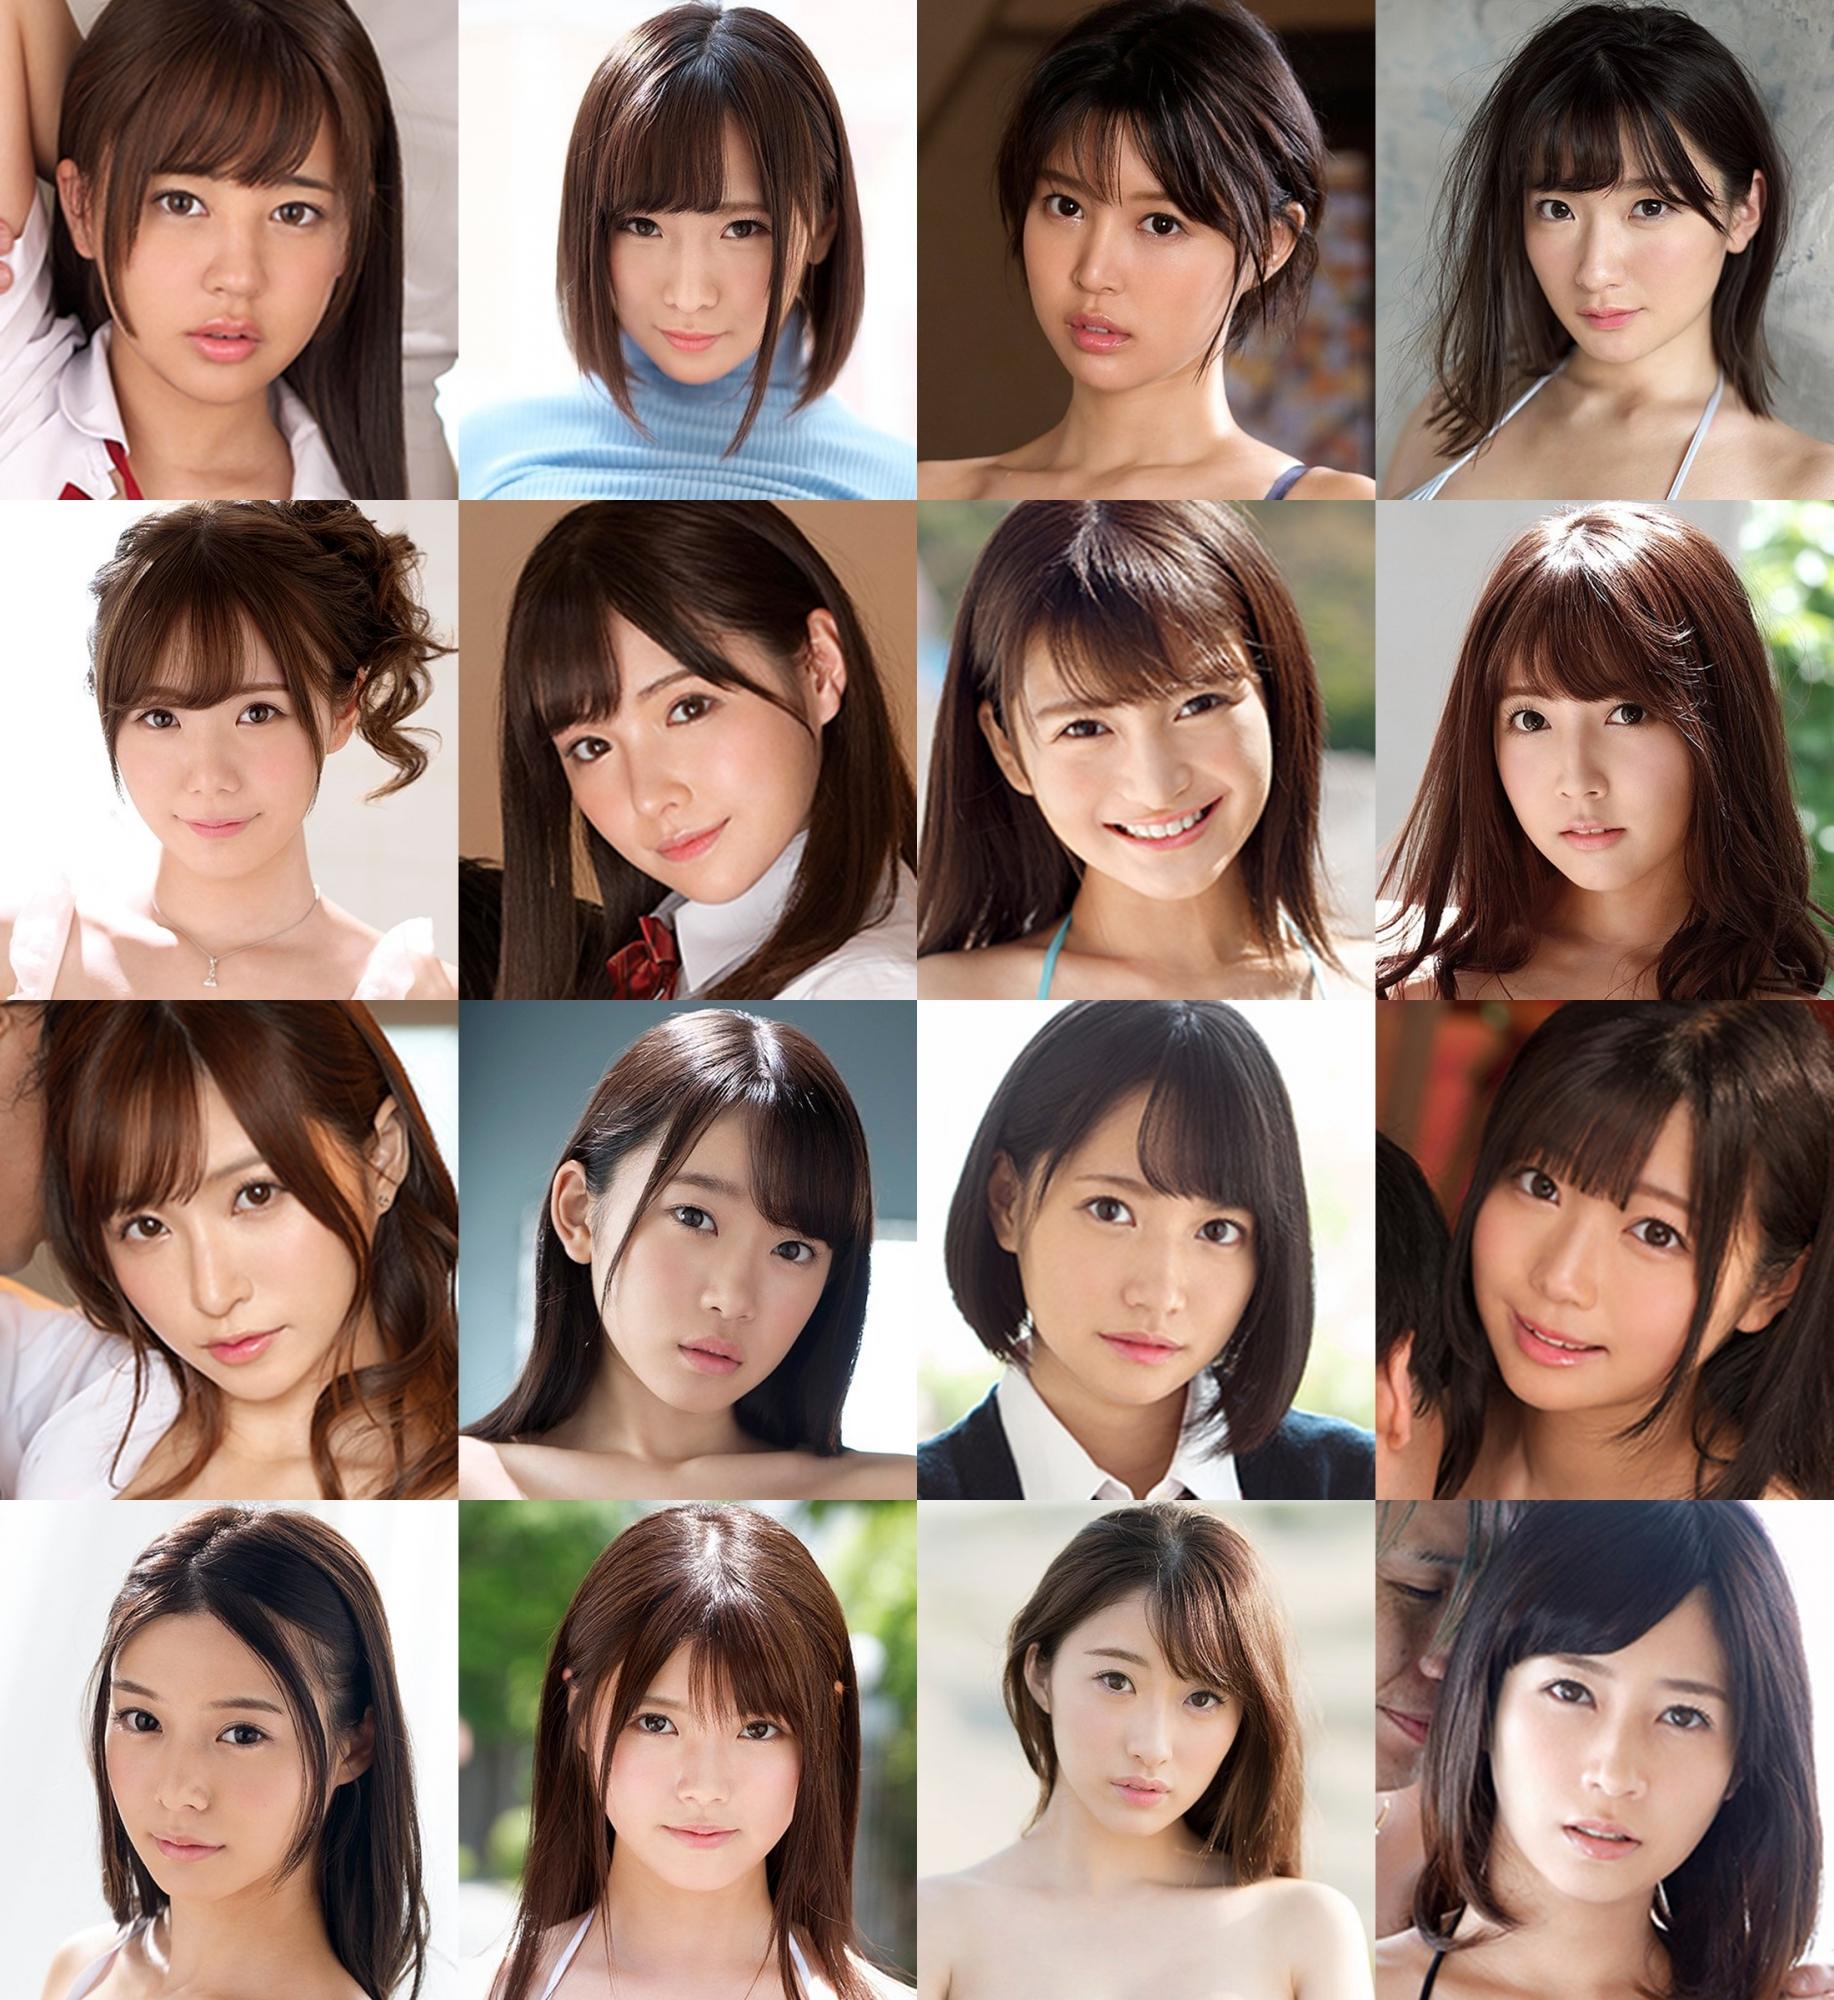 邪恶帝国S1《顶尖16女优梦幻共演》合体榨精9连发!